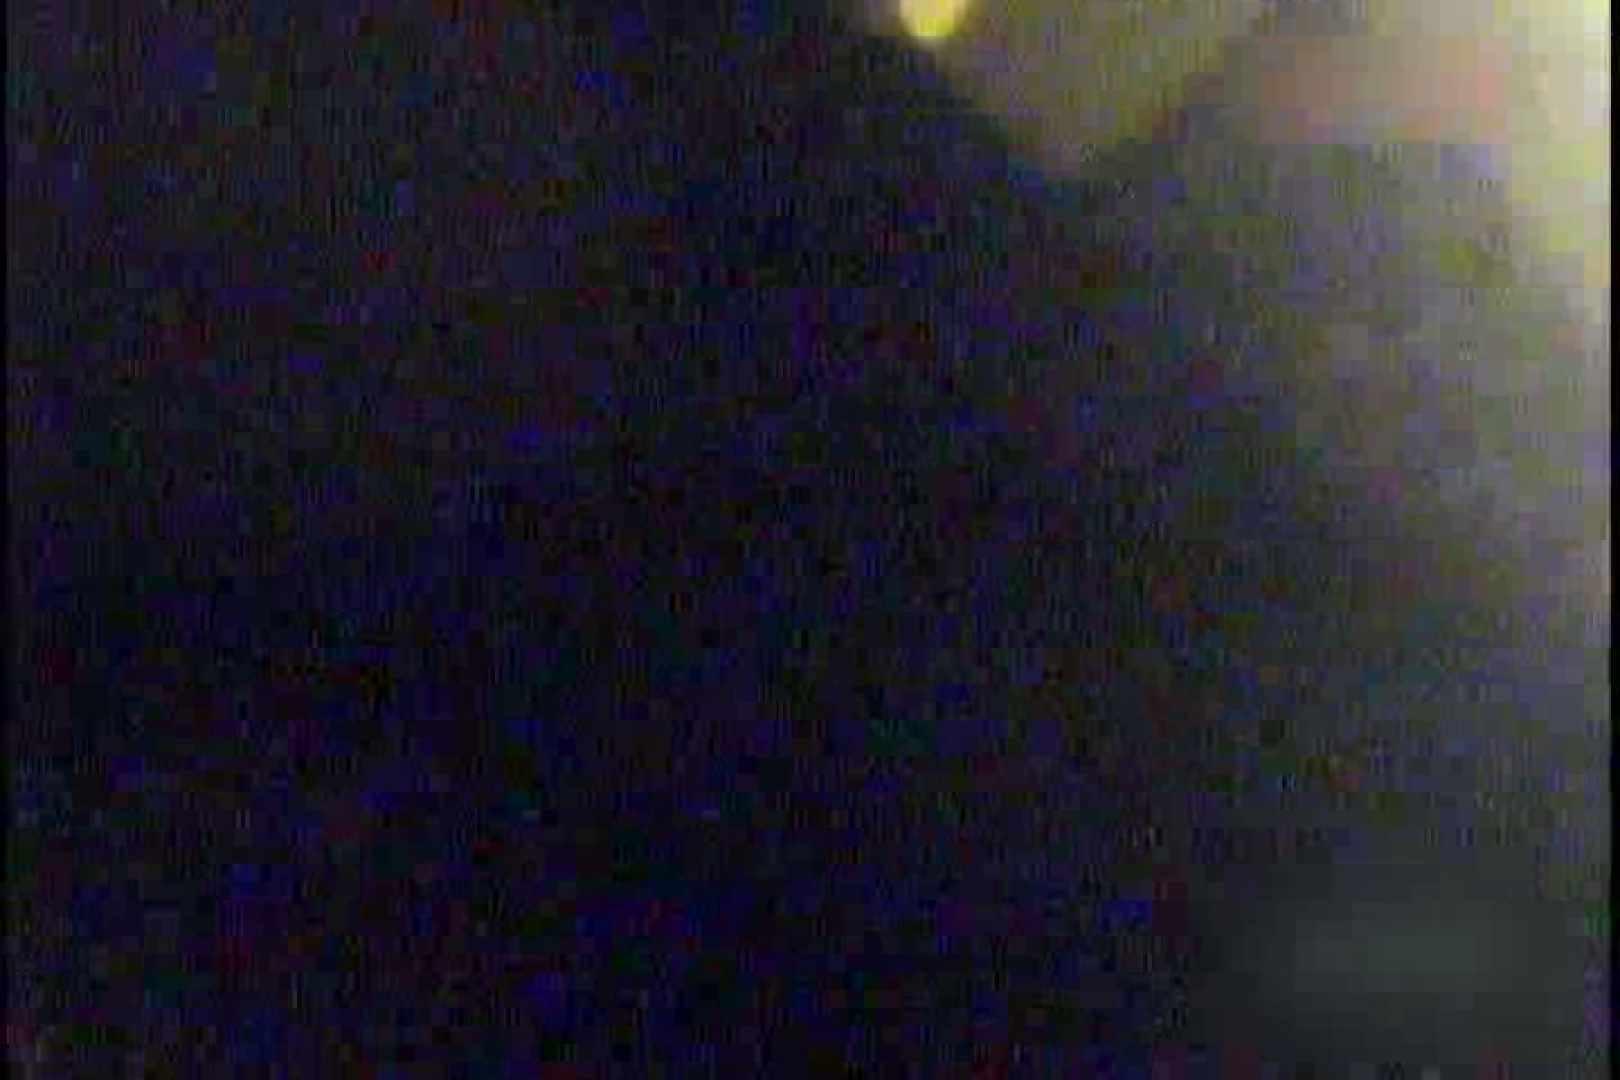 私鉄沿線美女限定パンティー丸覗き!!vol.05 パンティ 盗み撮り動画 98PIX 28